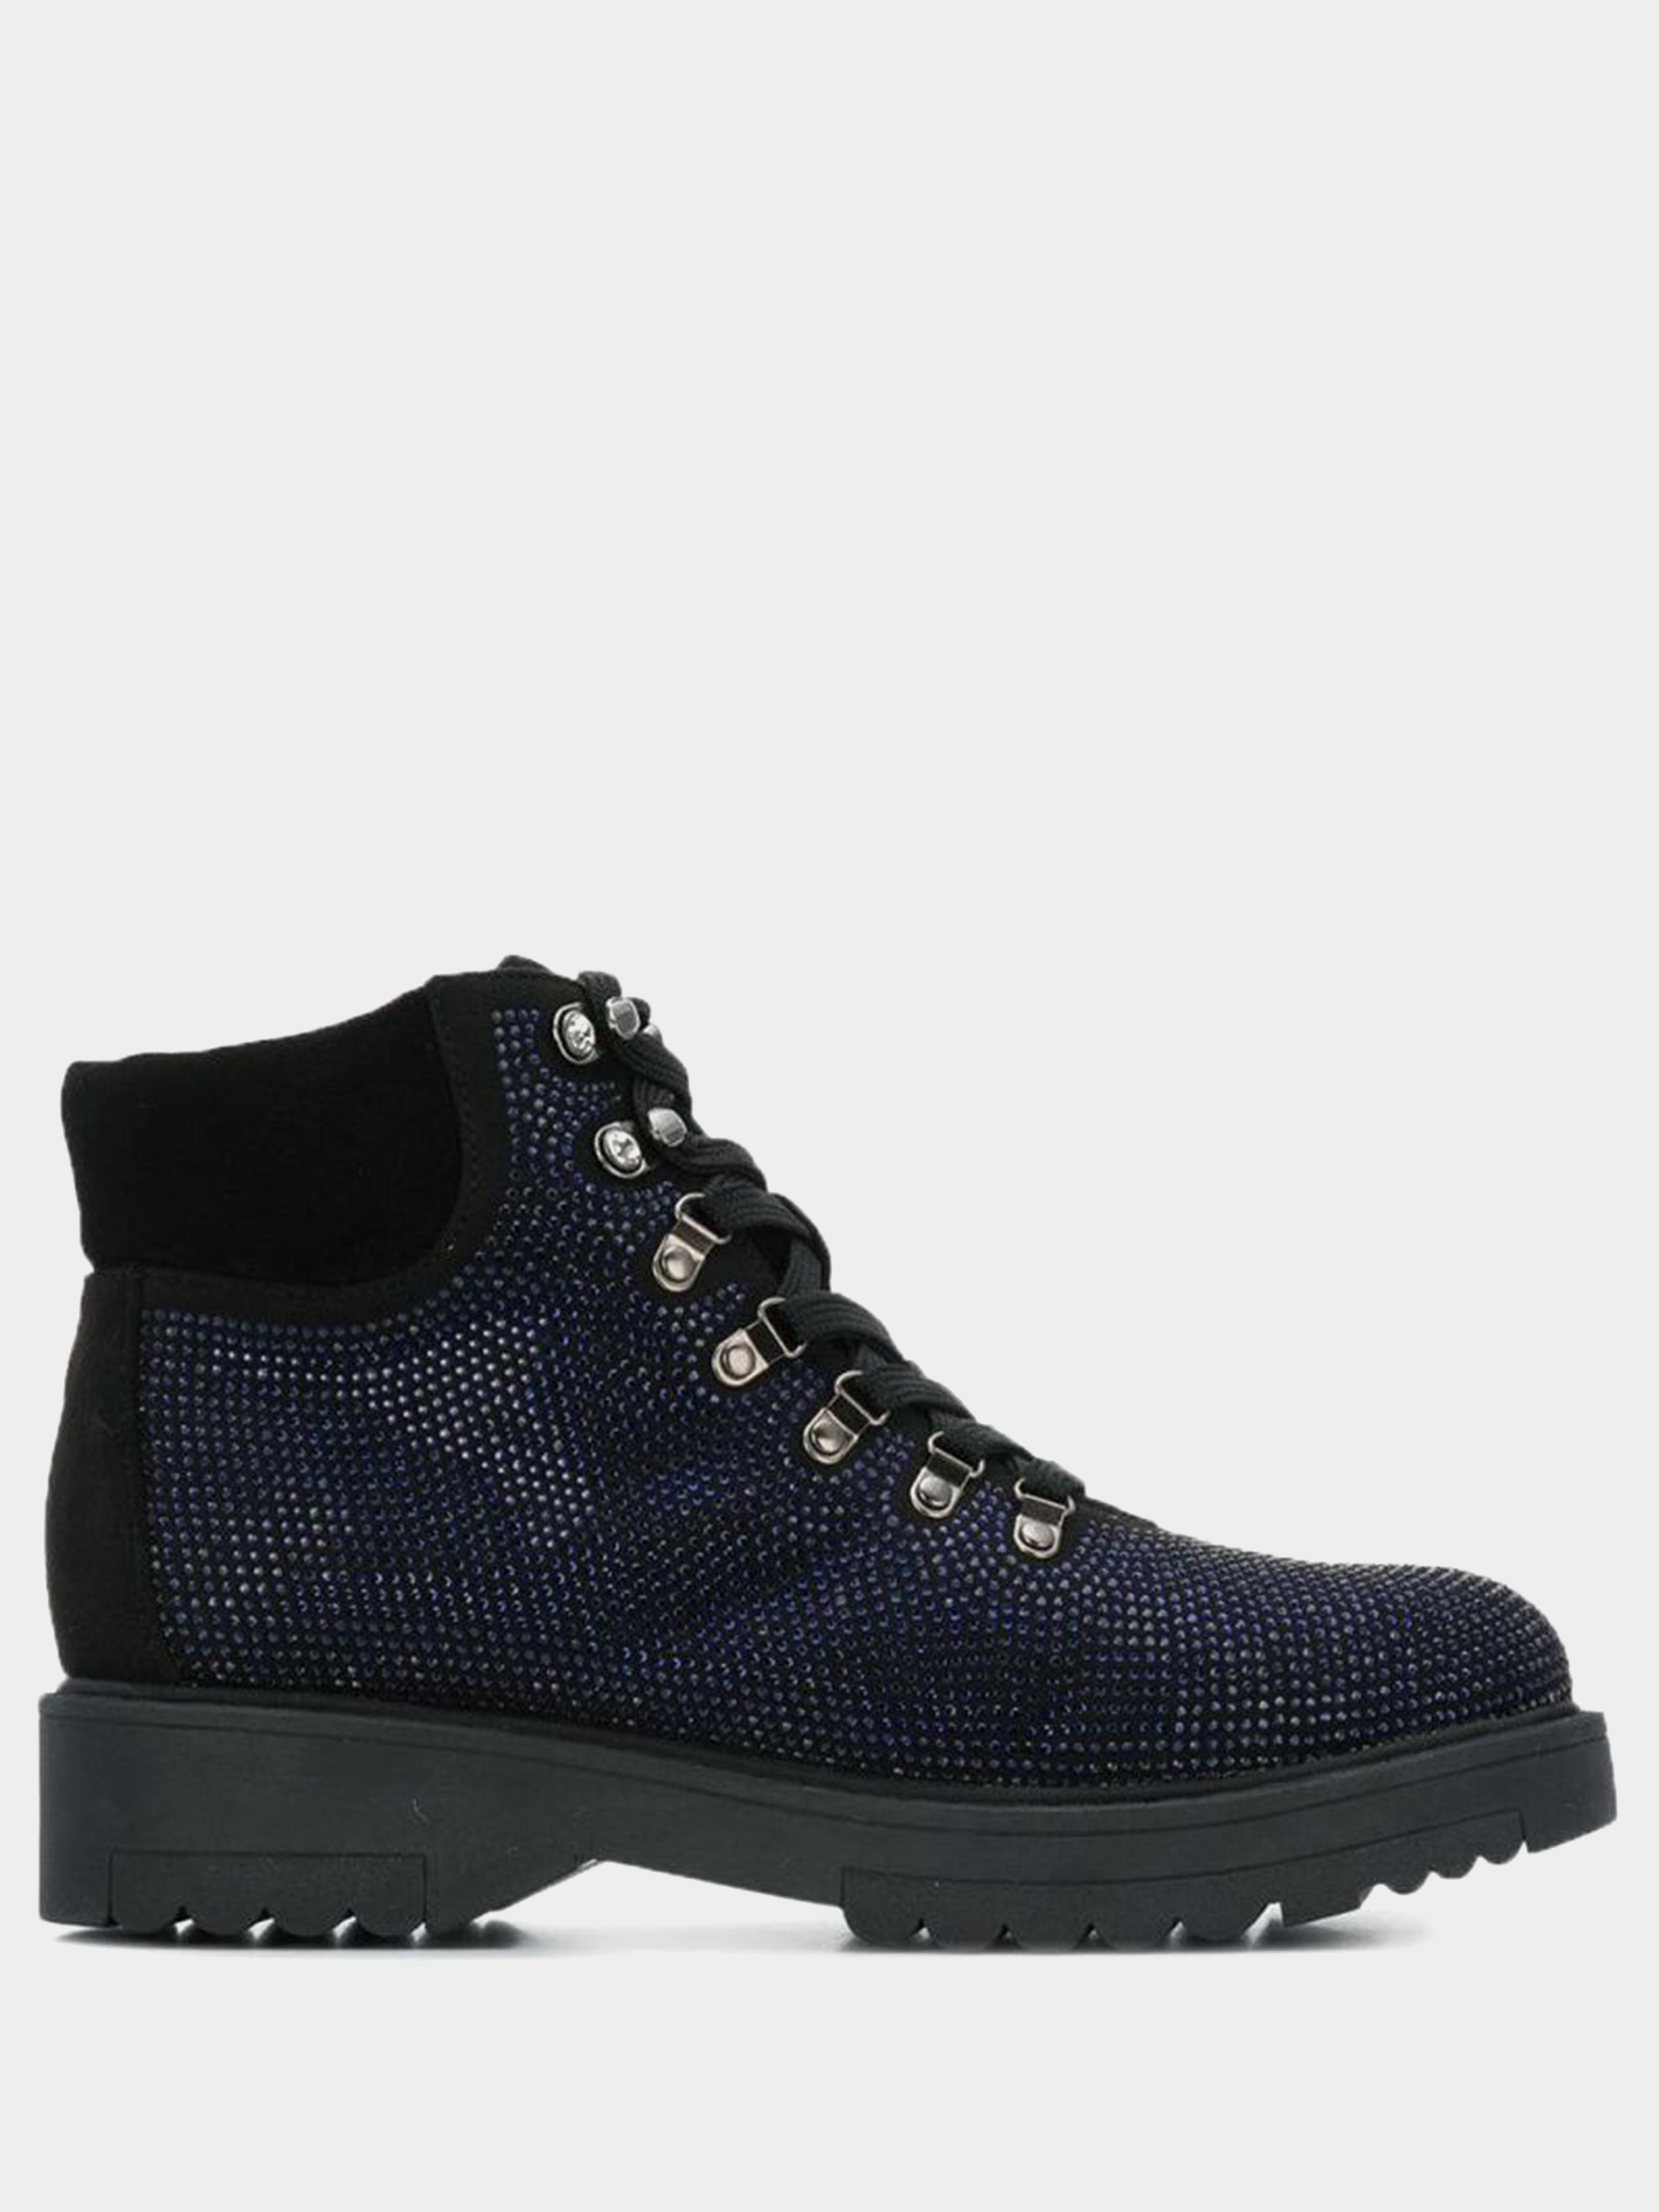 Ботинки женские Tosca Blu модель 4T35 - купить по лучшей цене в ... 70a27d03670e8